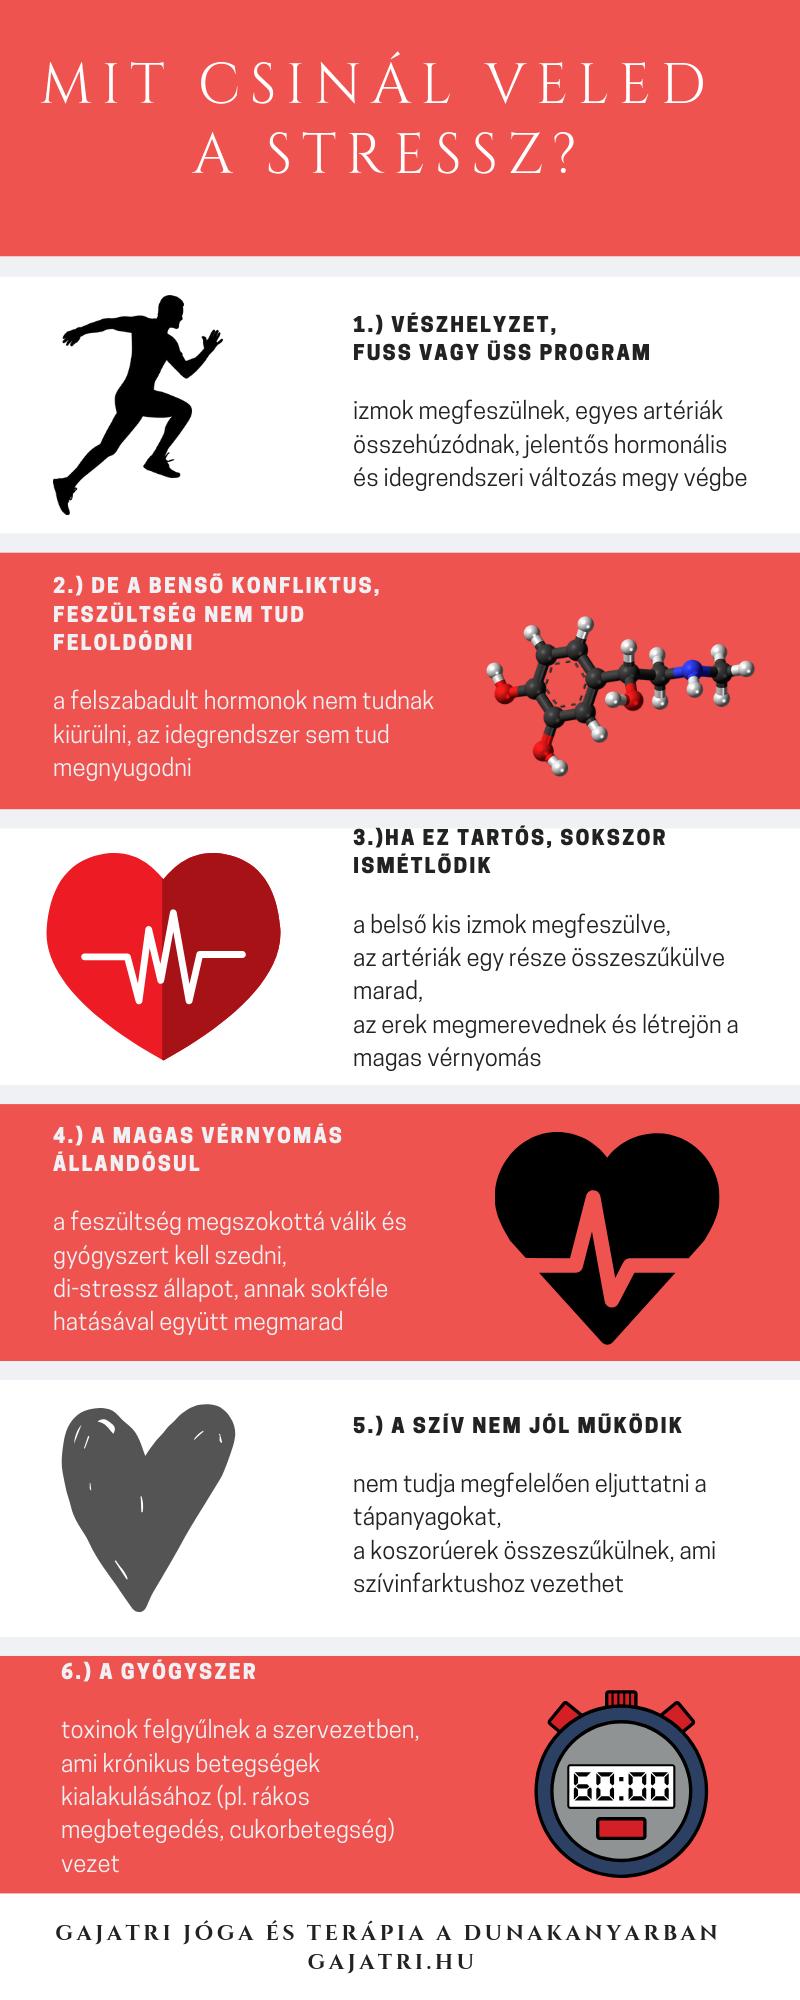 magas vérnyomás elleni gyógyszer hel)